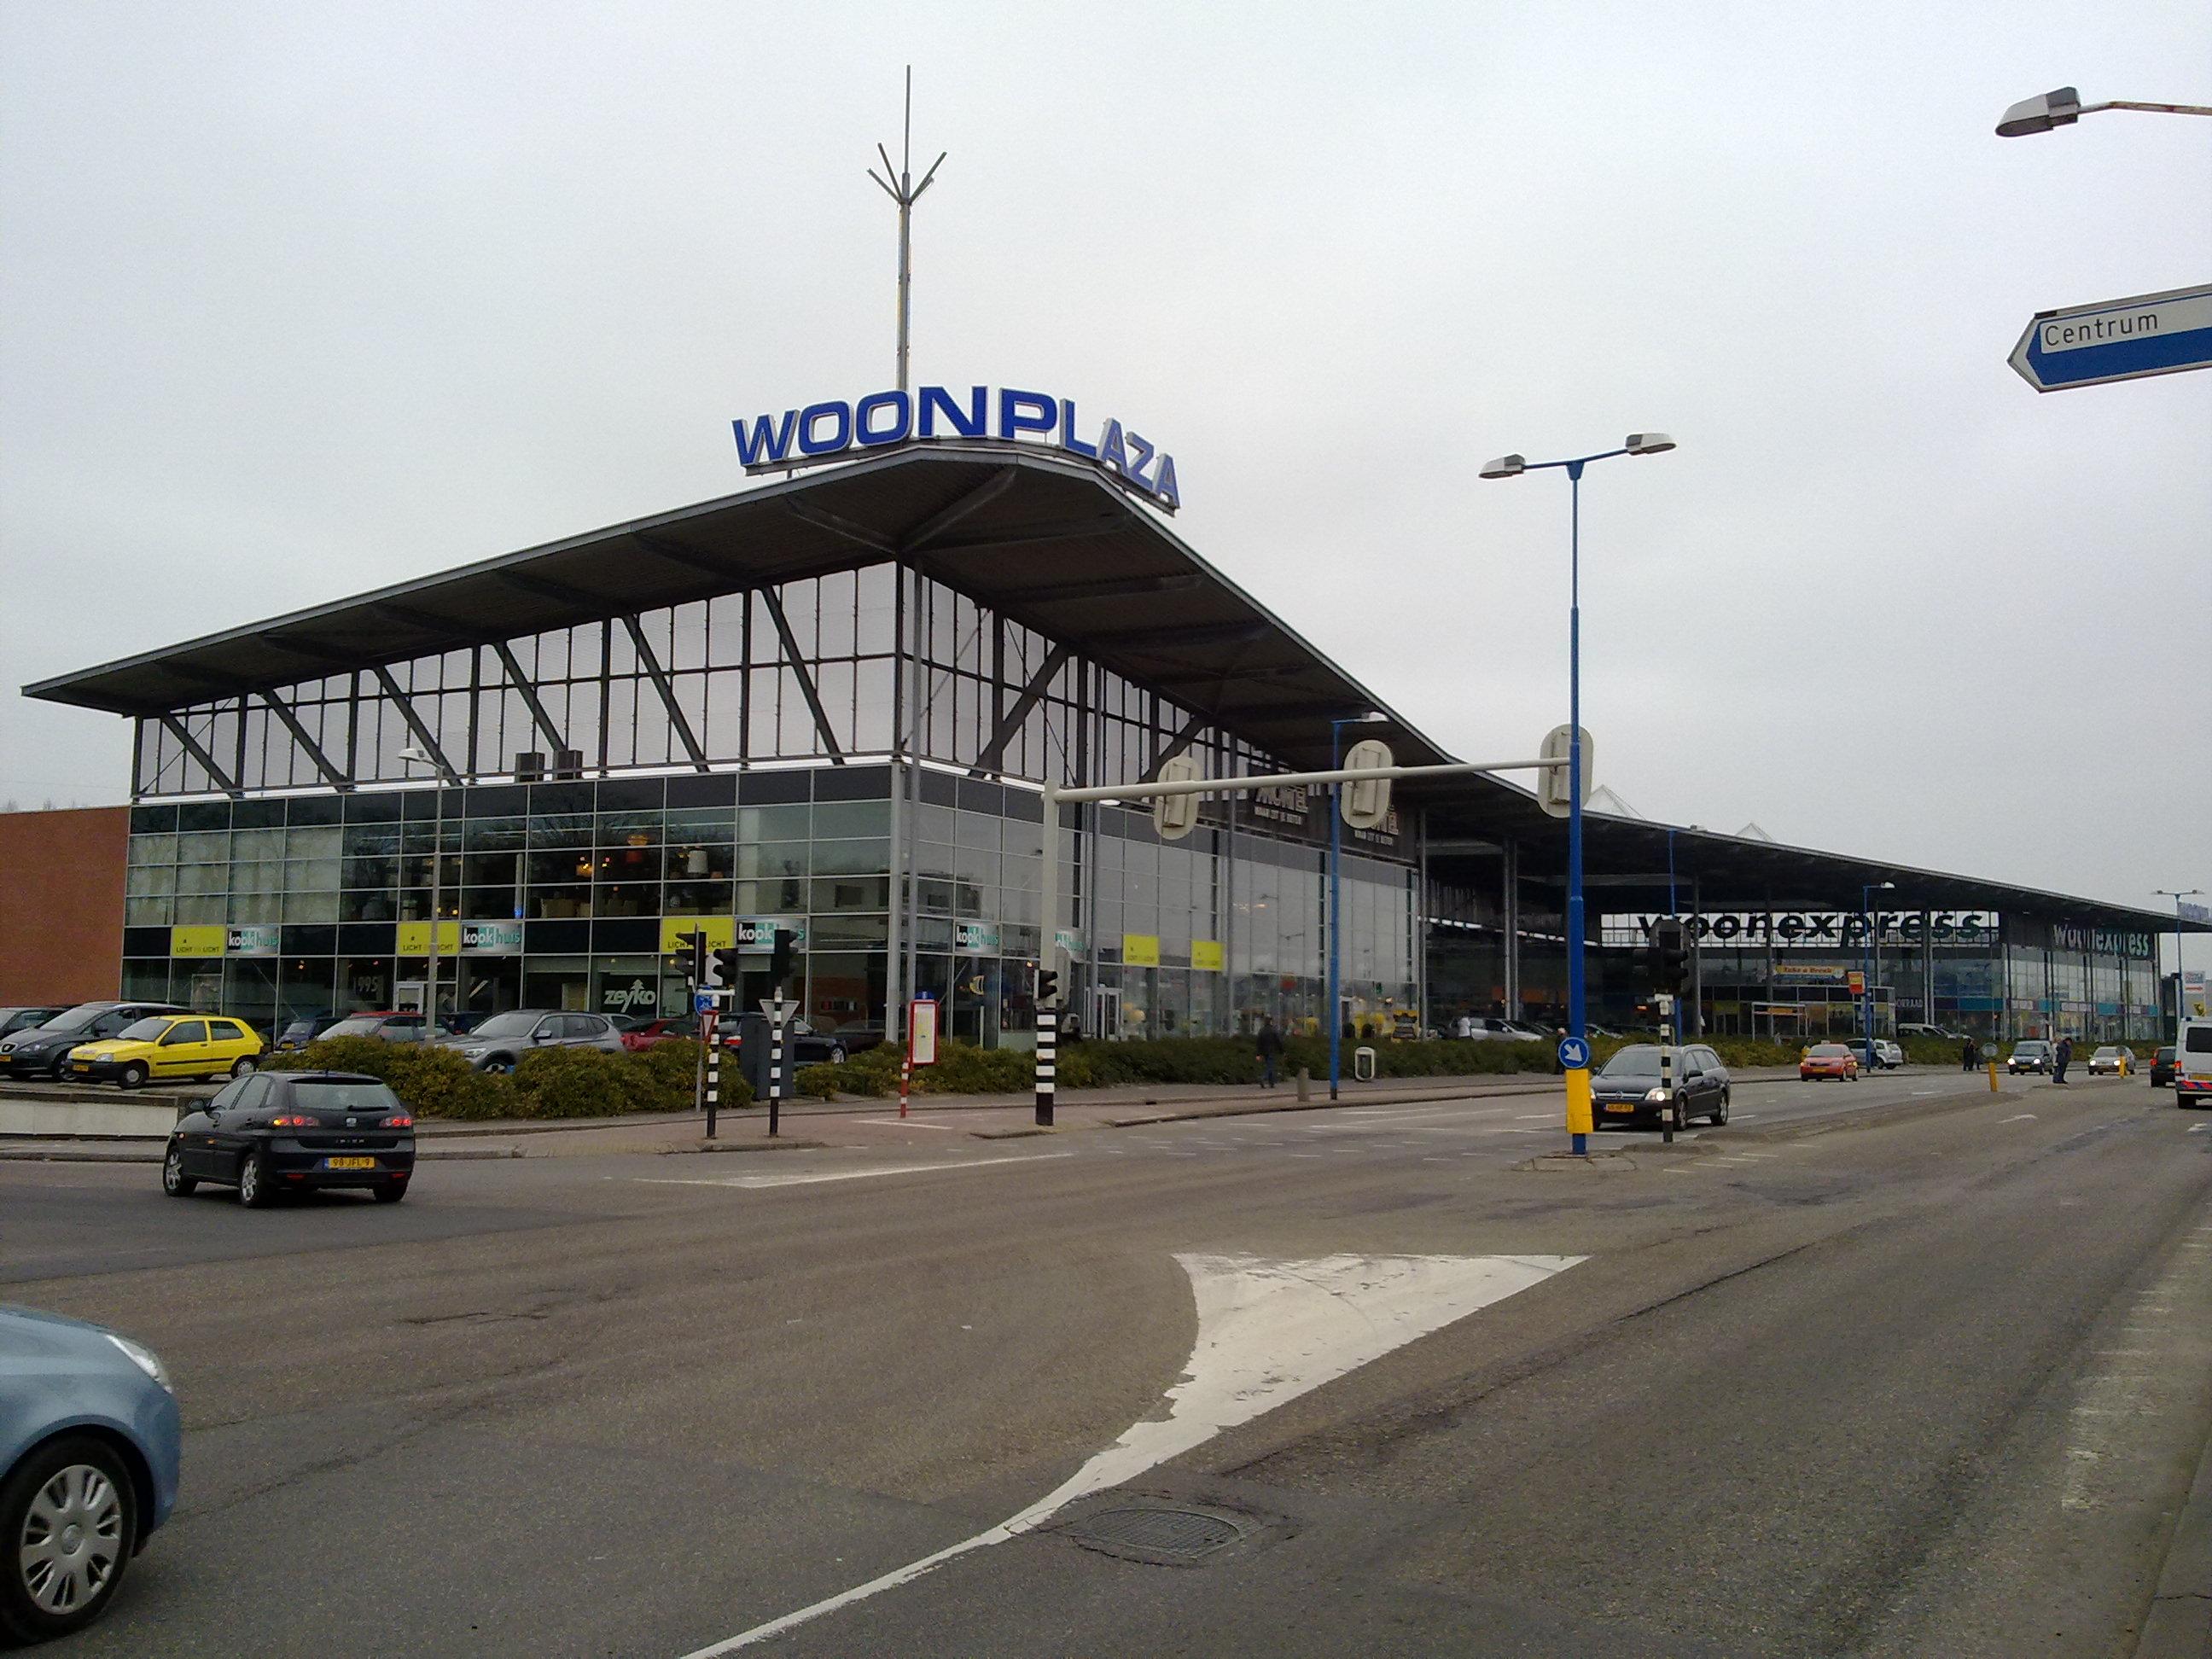 Woonplaza